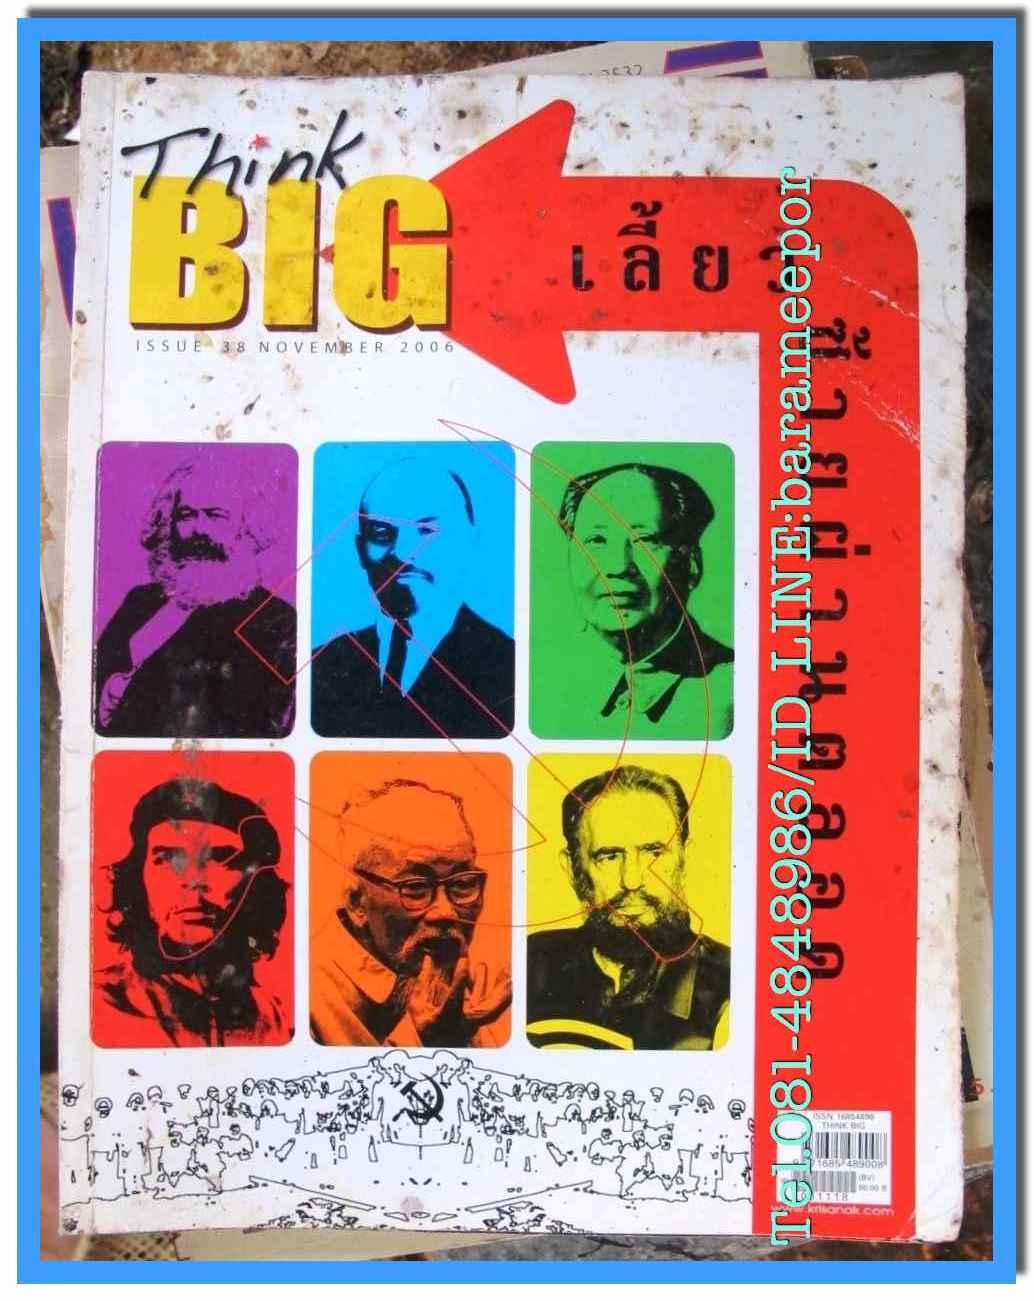 หนังสือ THINK BIG เล่มที่ 38 NOVEMBER 2006 อิสรภาพมวลมนุษย์ชาติ